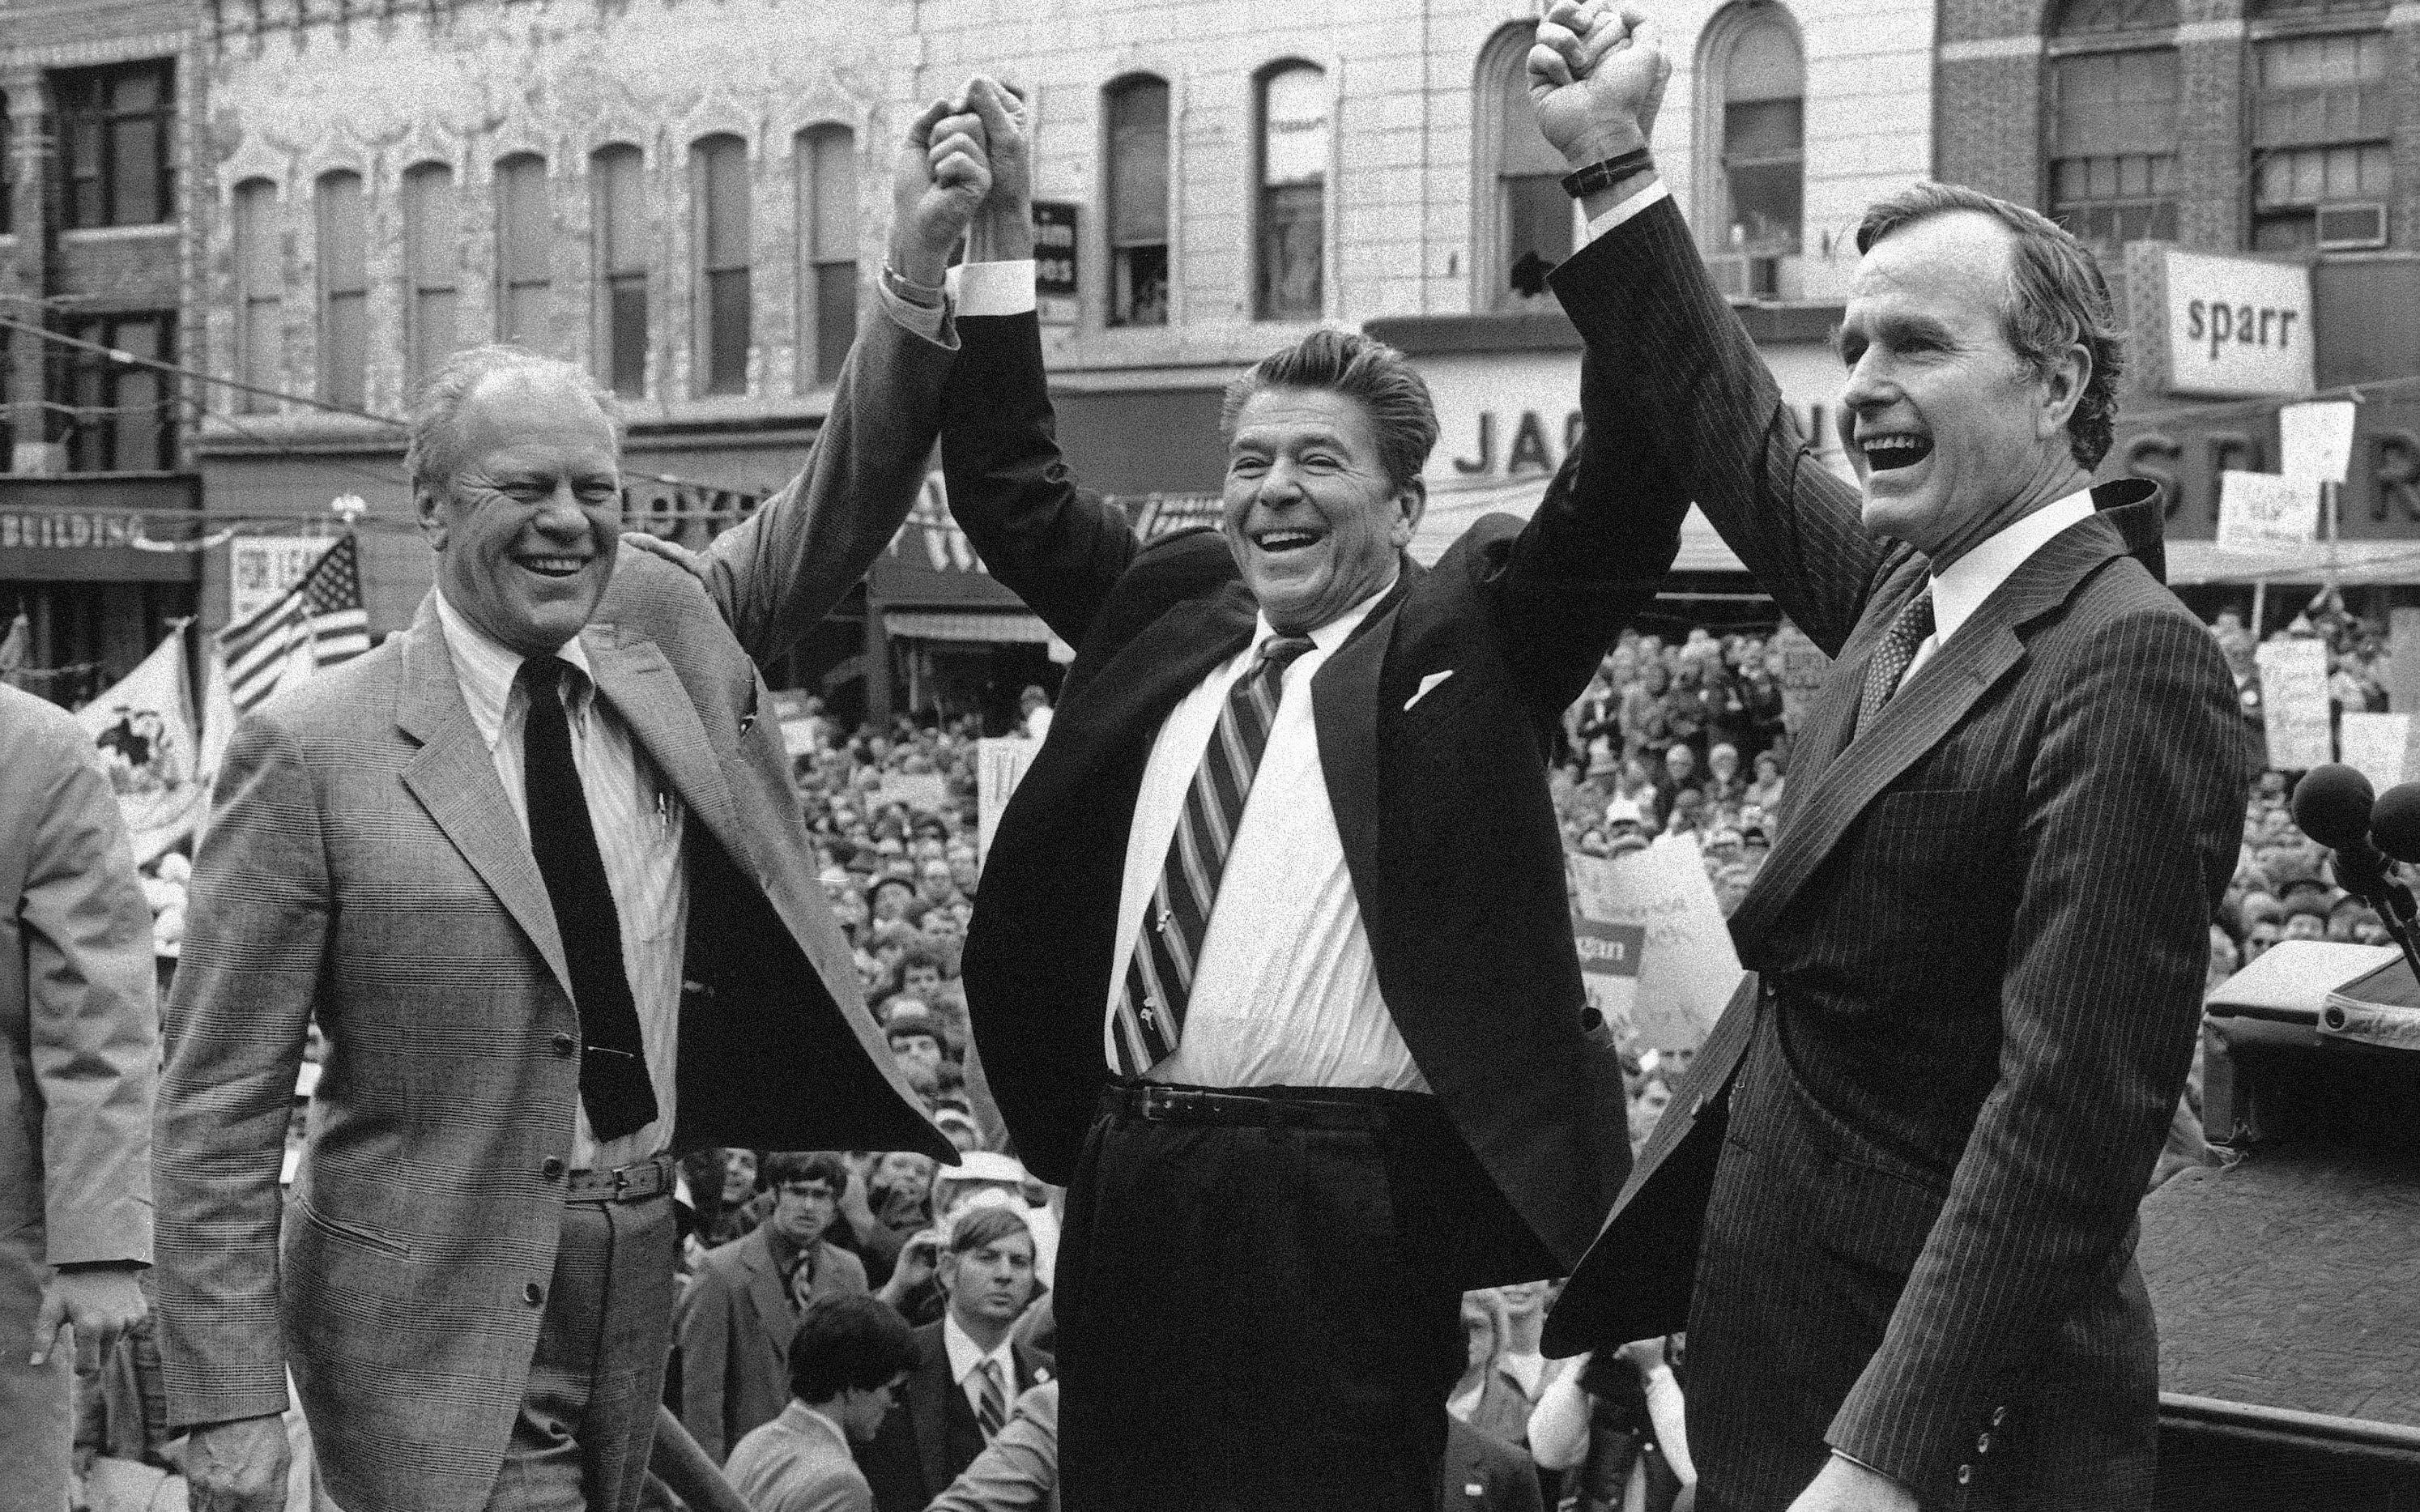 Der ehemalige Präsident Gerald Ford (links) unterstützt bei einer Veranstaltung den republikanischen Präsidentschaftskandidaten Ronald Reagan (mitte) und sein Vize George H.W. Bush. (AP Photo, File)